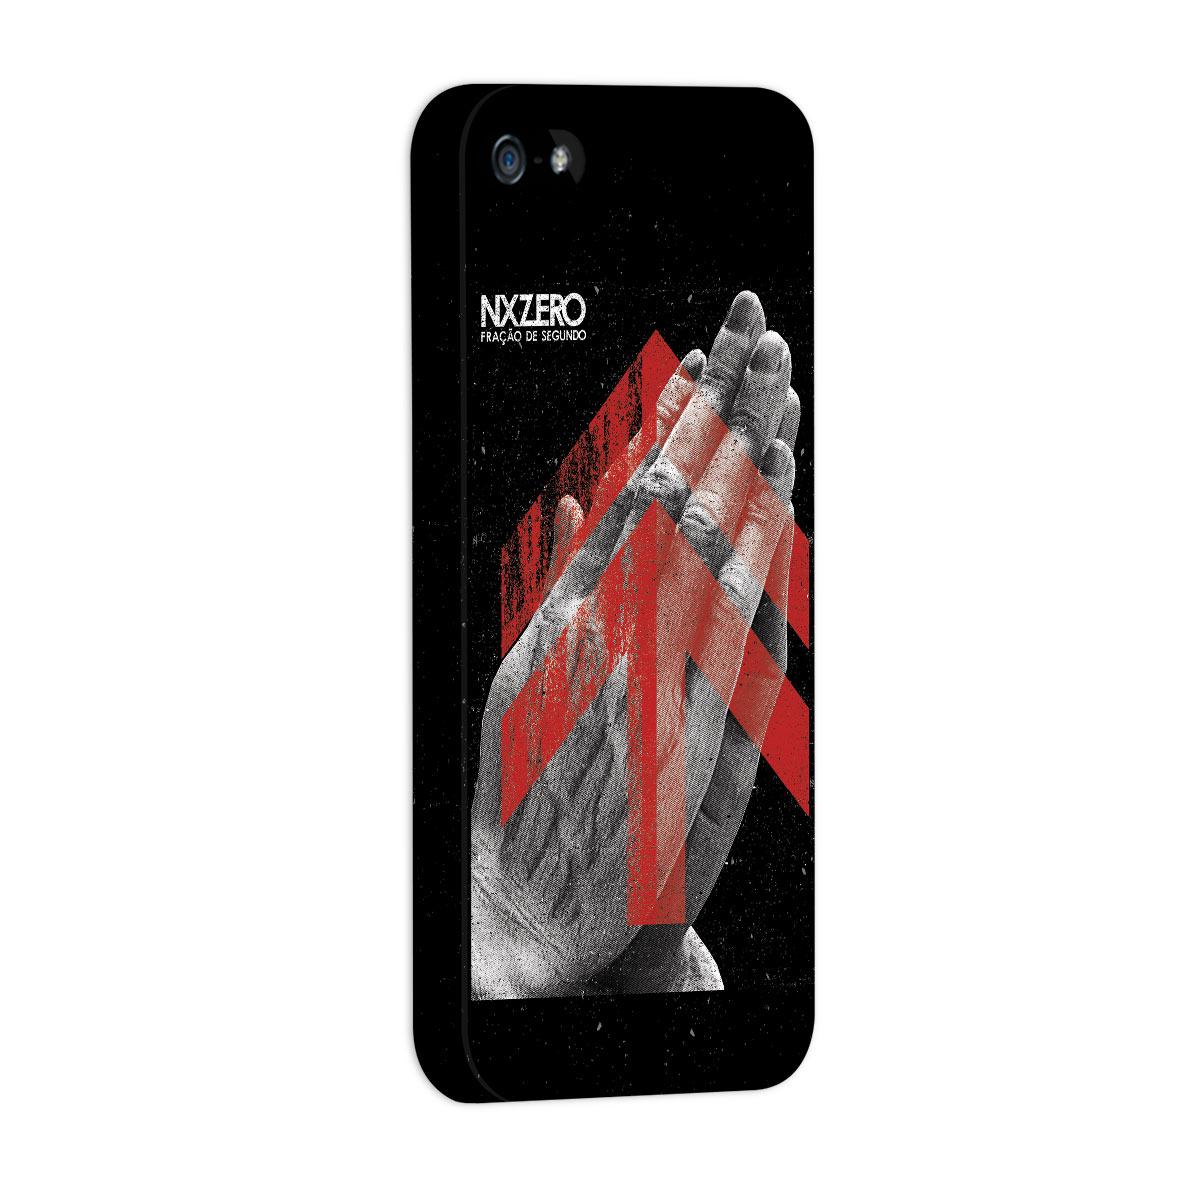 Capa para iPhone 5/5S NXZero Fra��o de Segundo